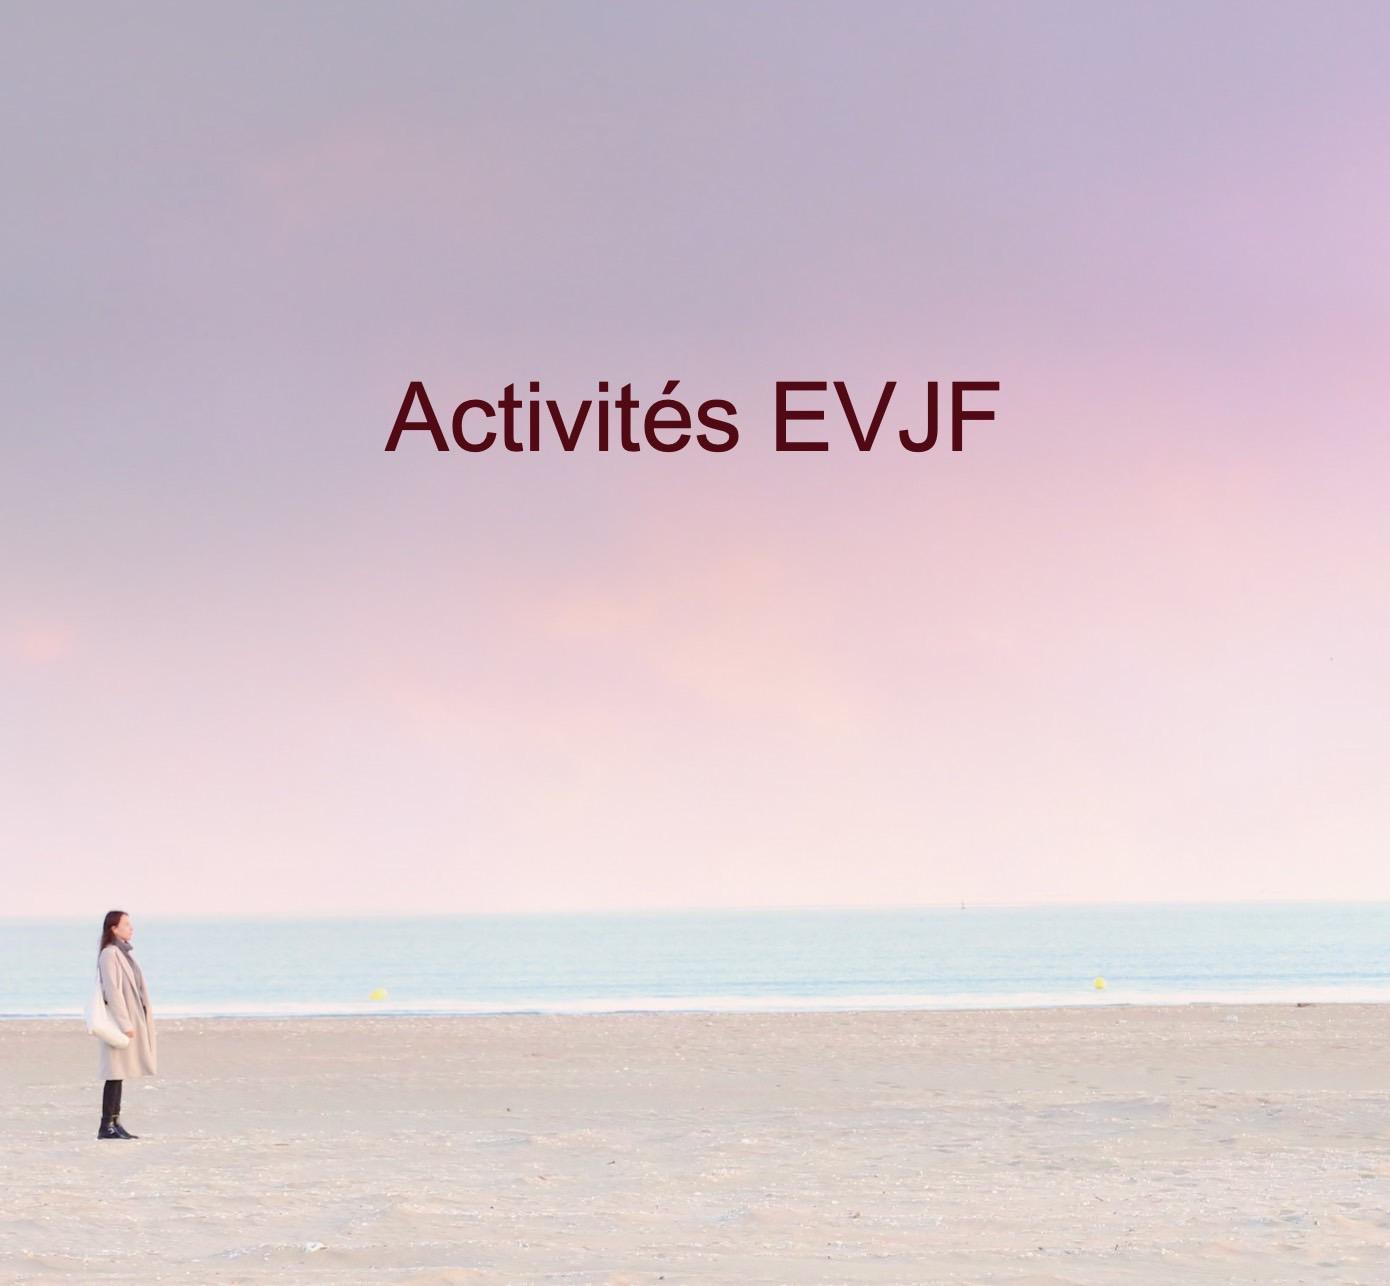 activites evjf